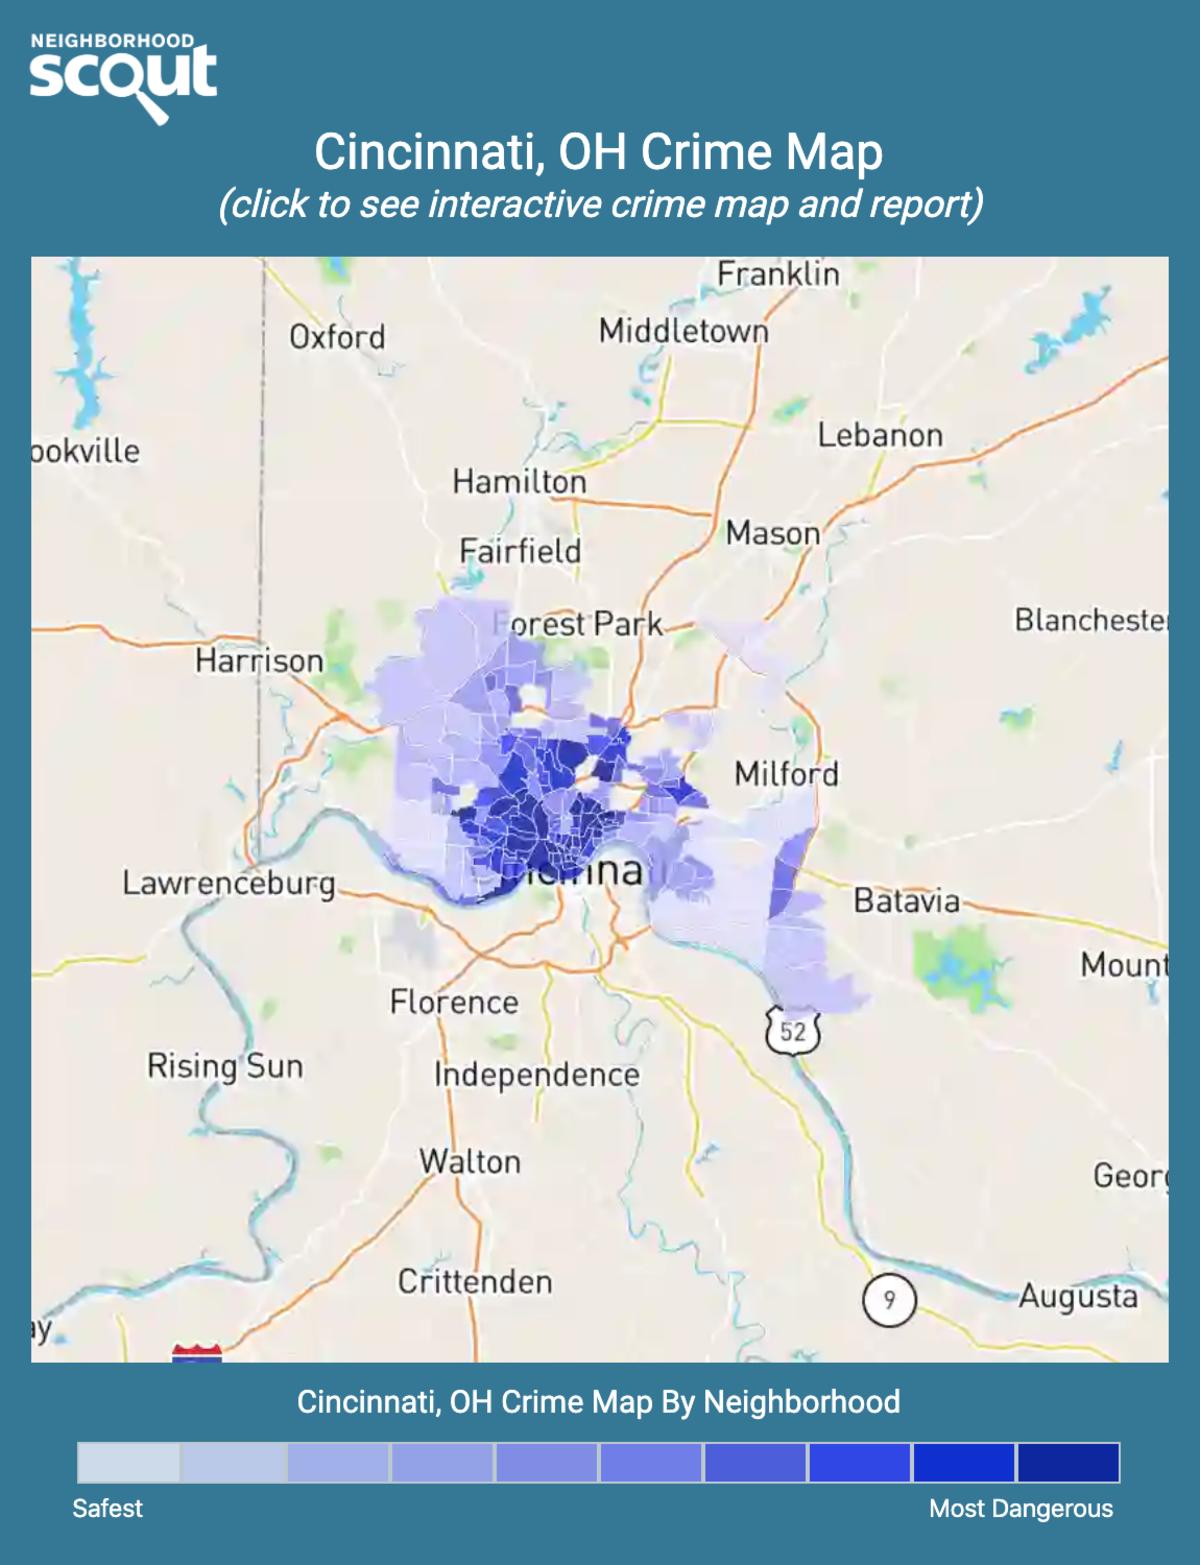 Cincinnati, Ohio crime map